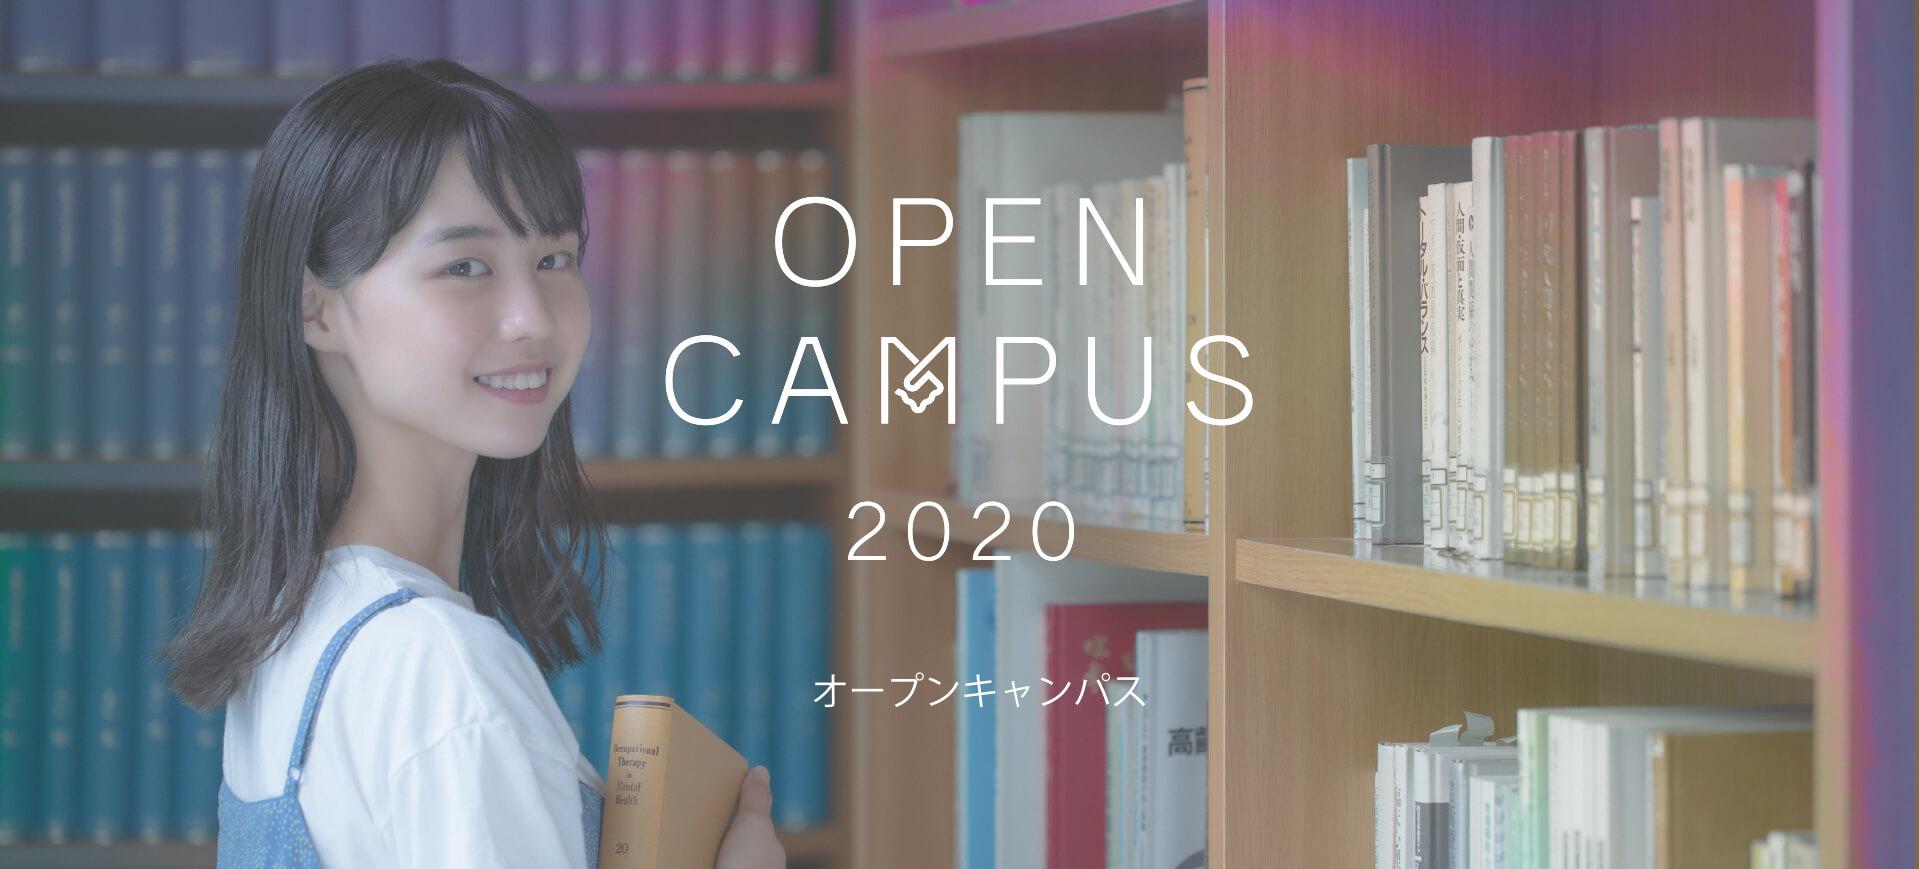 オープンキャンパスのPCメイン画像